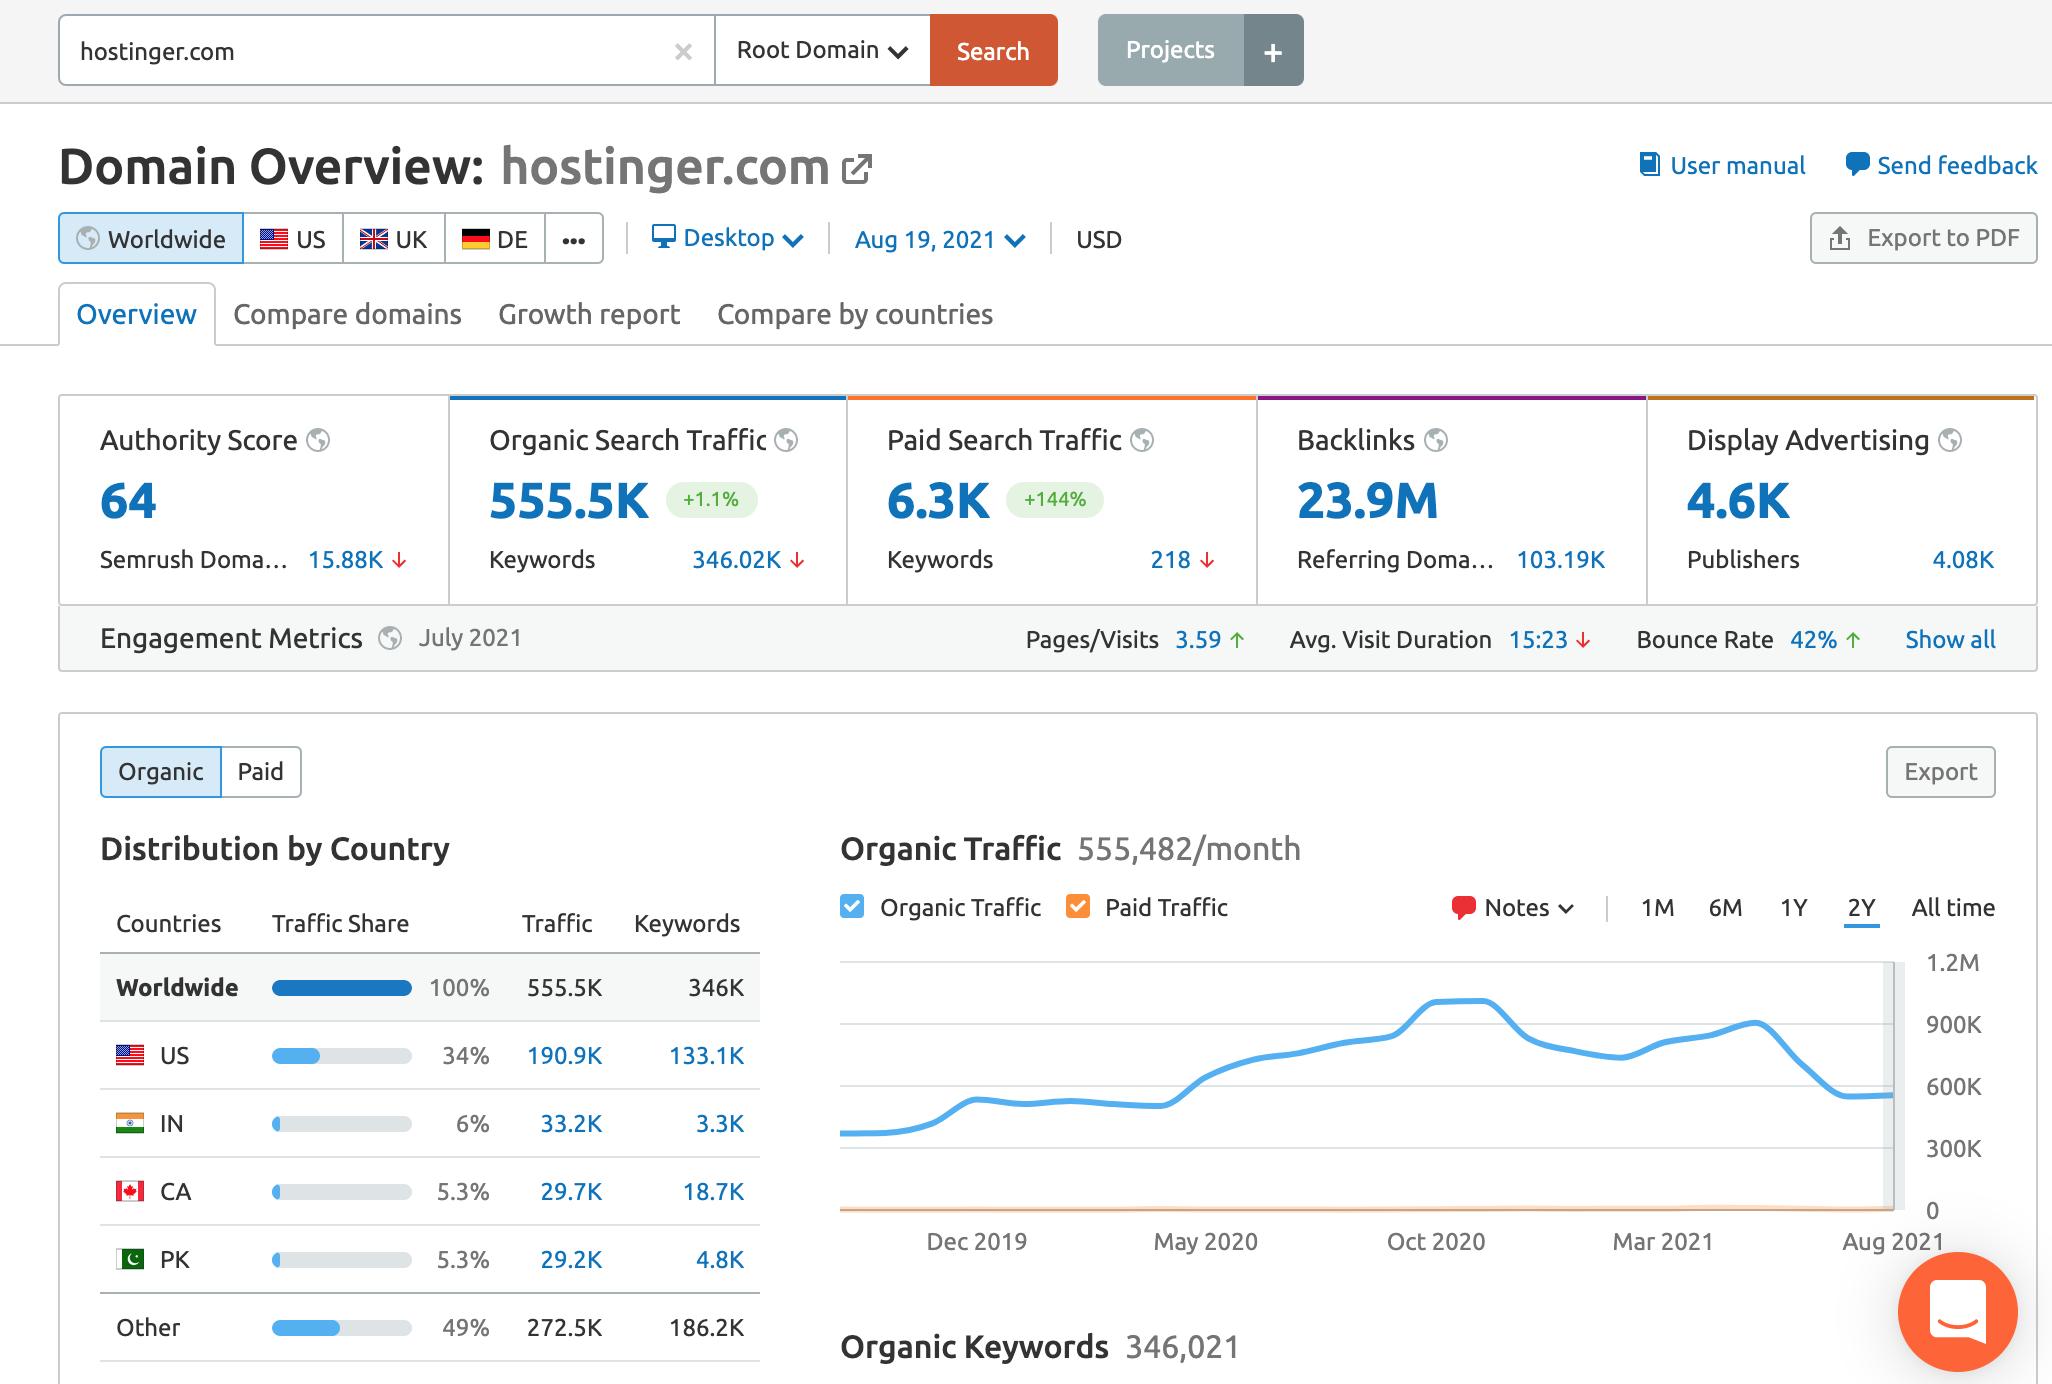 SEMrush report for a web hosting company - Hostinger.com